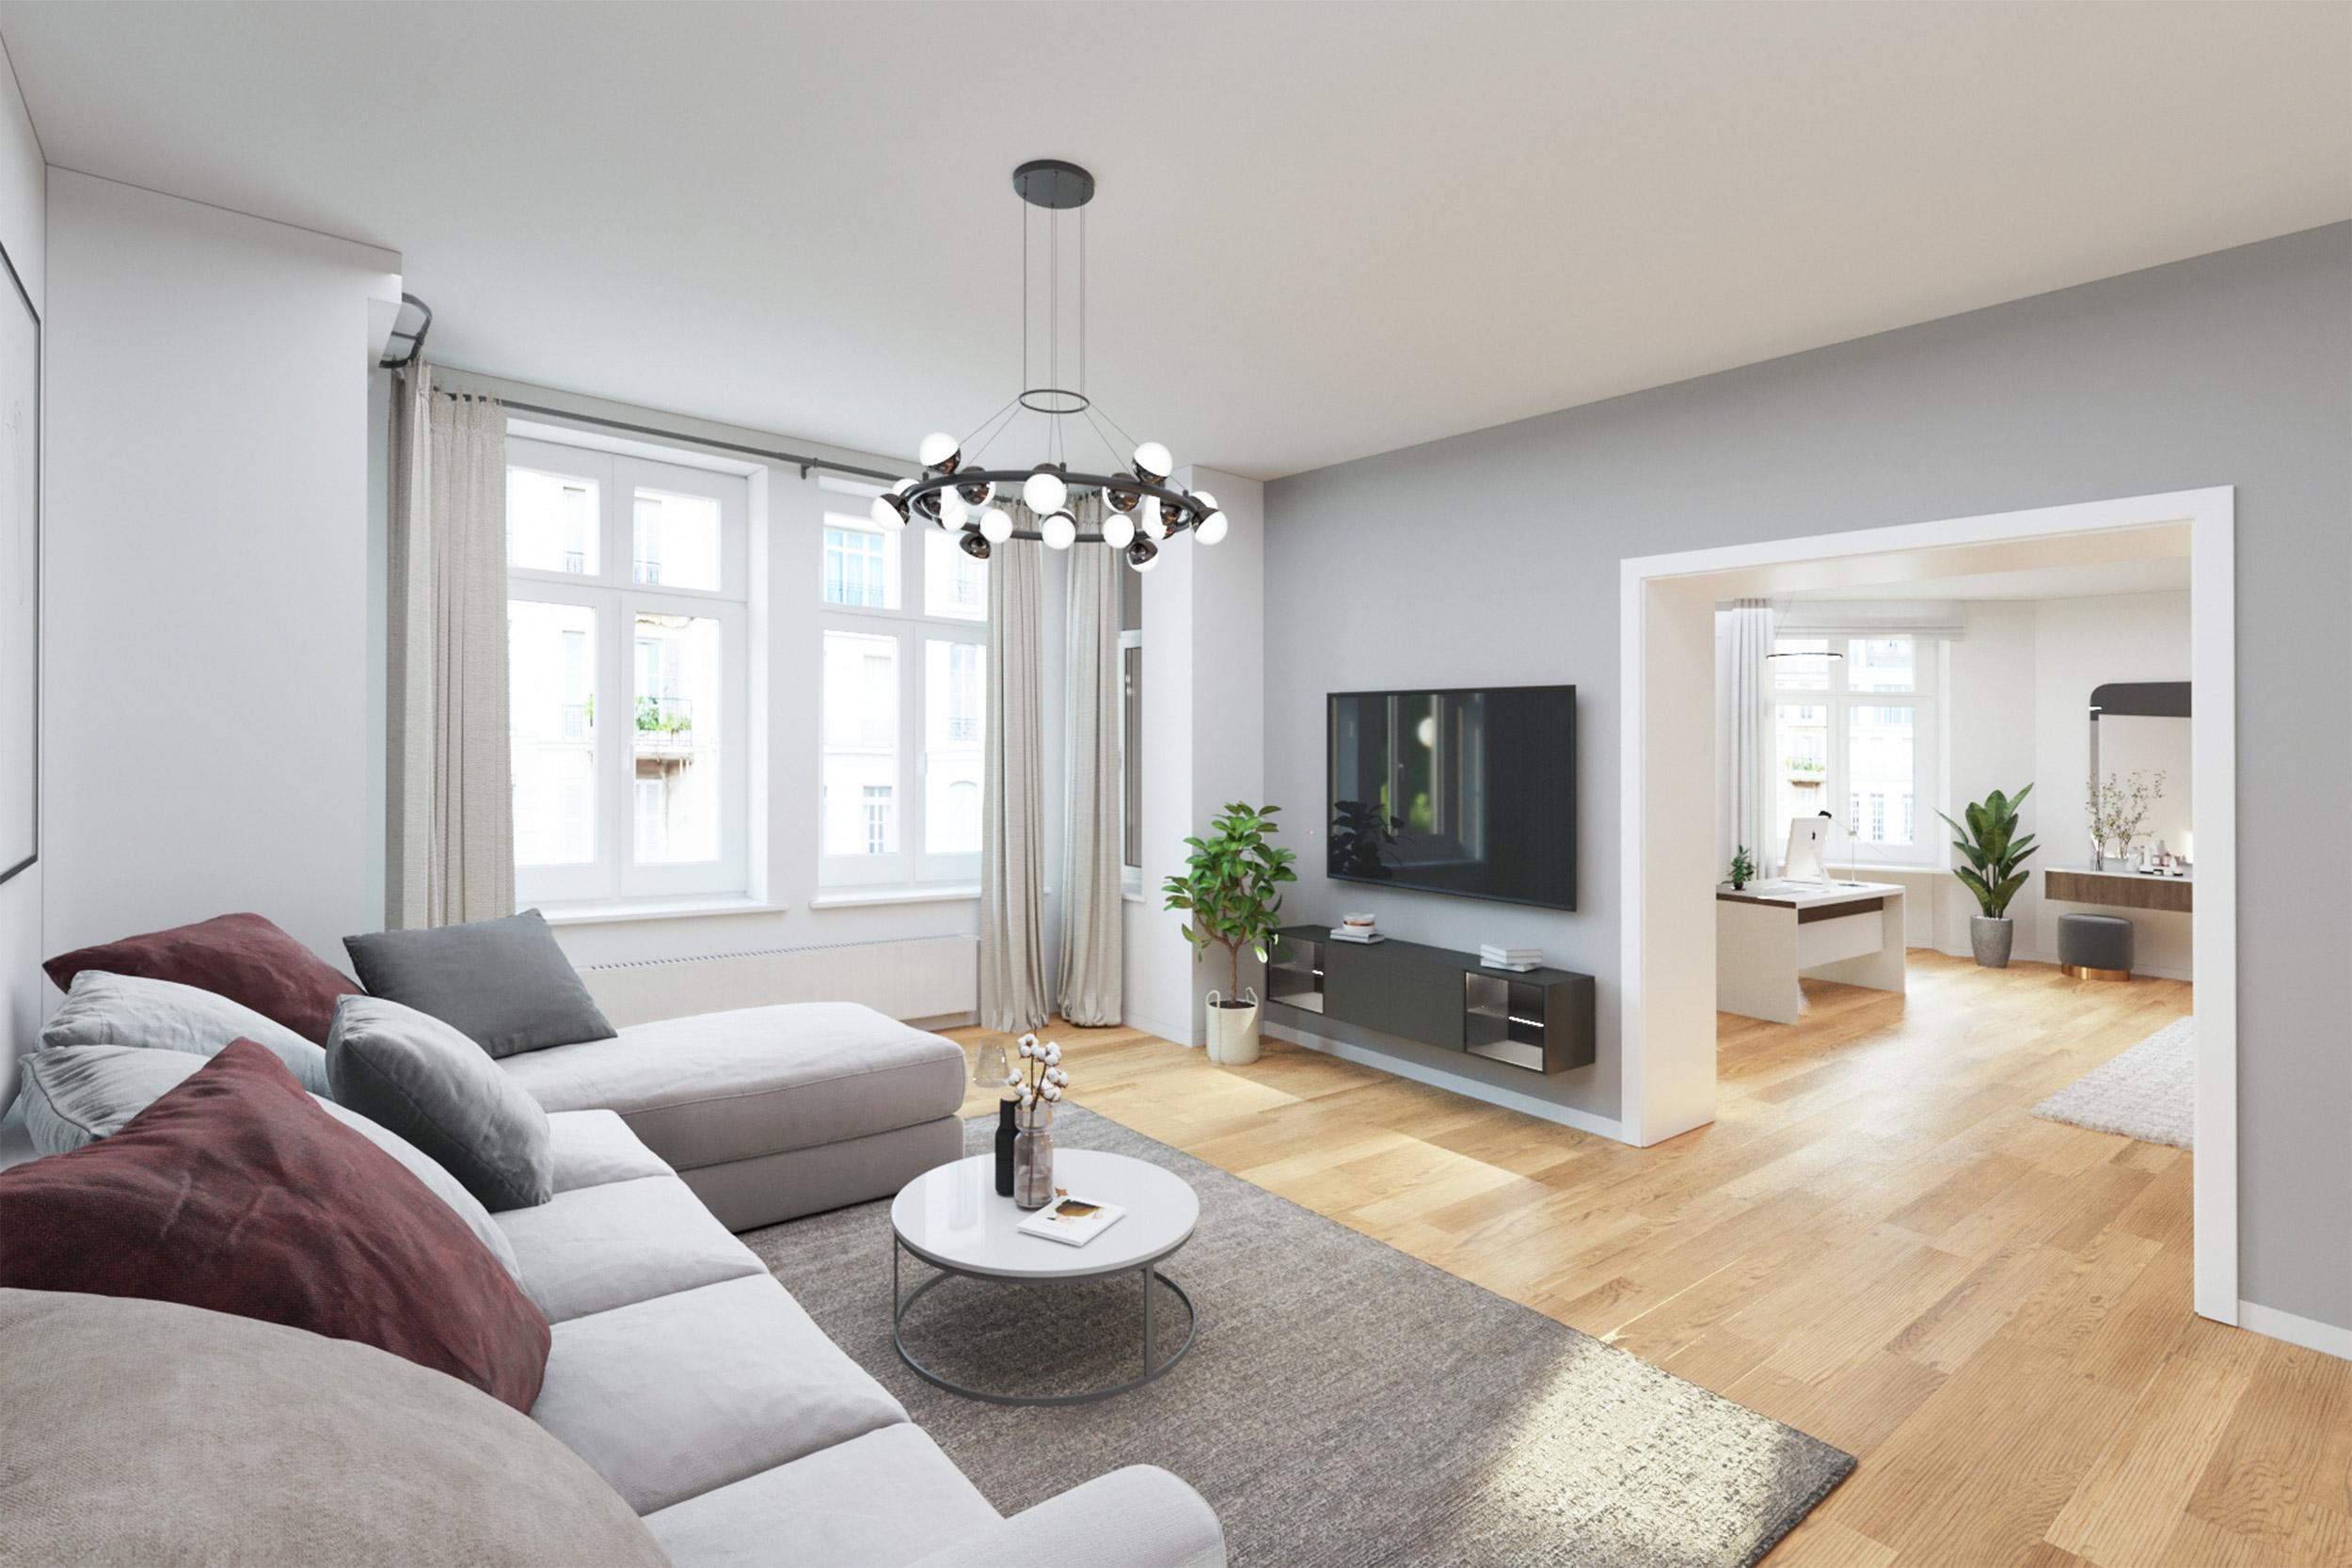 Vielseitige 4-Zimmer-Wohnung mit Balkon in Berlin-Weißensee